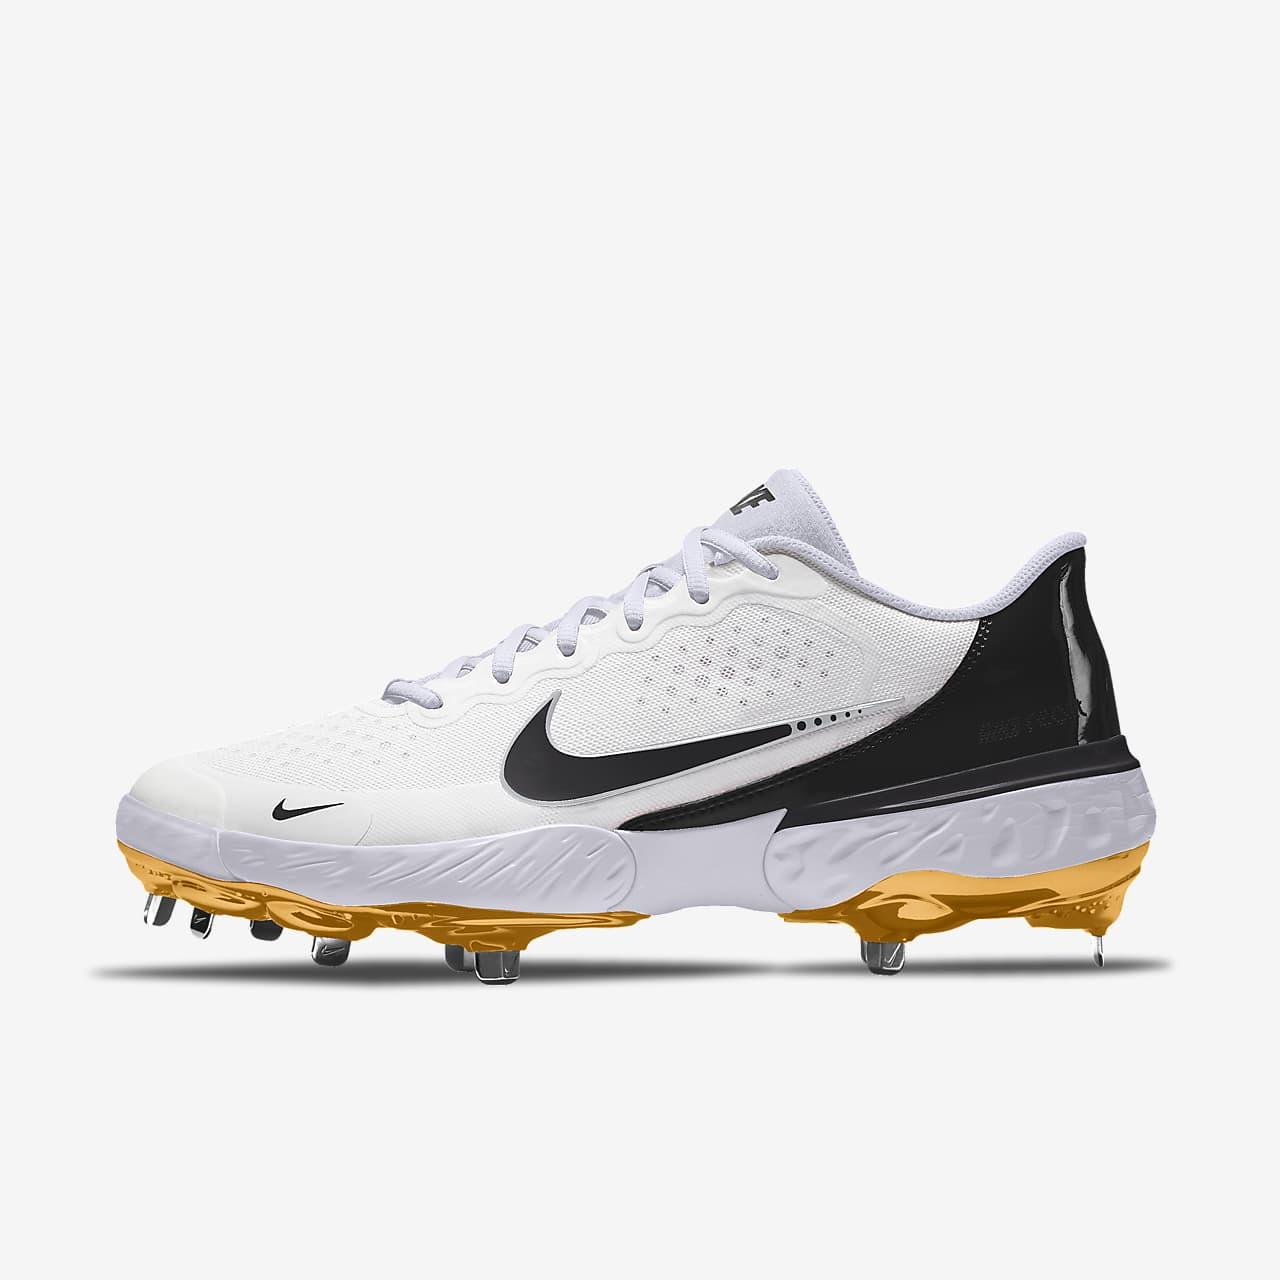 Εξατομικευμένο παπούτσι μπέιζμπολ με τάπες Nike Alpha Huarache Elite 3 Low By You